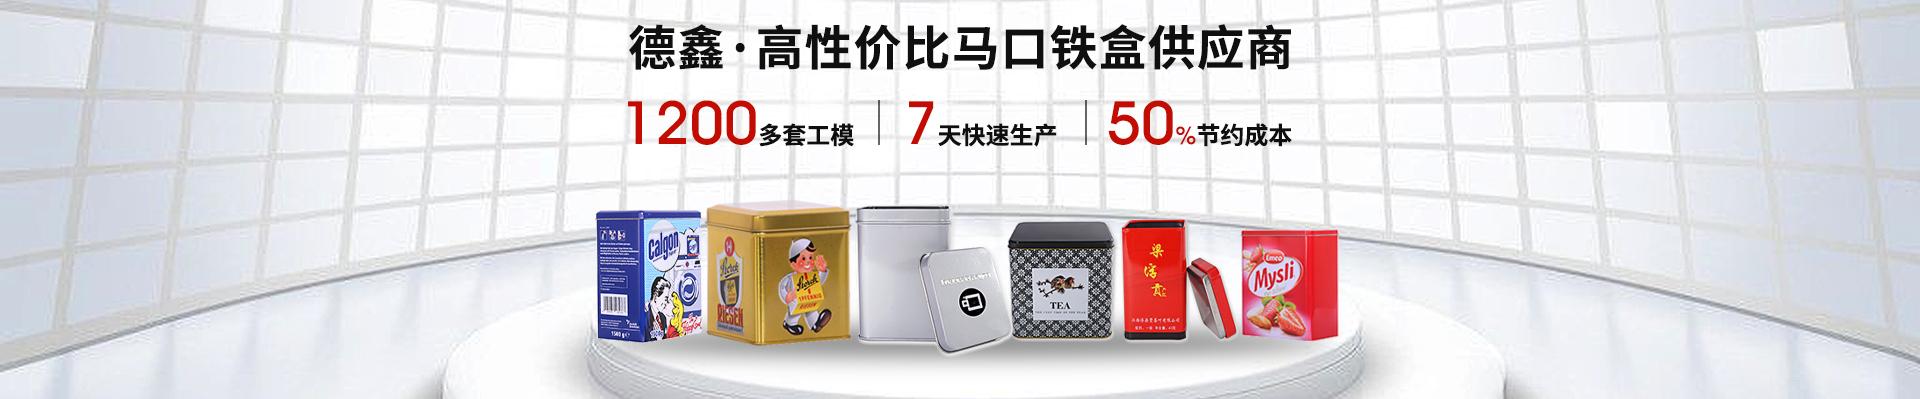 德鑫制罐-满足各种铁盒·铝盒定制需求